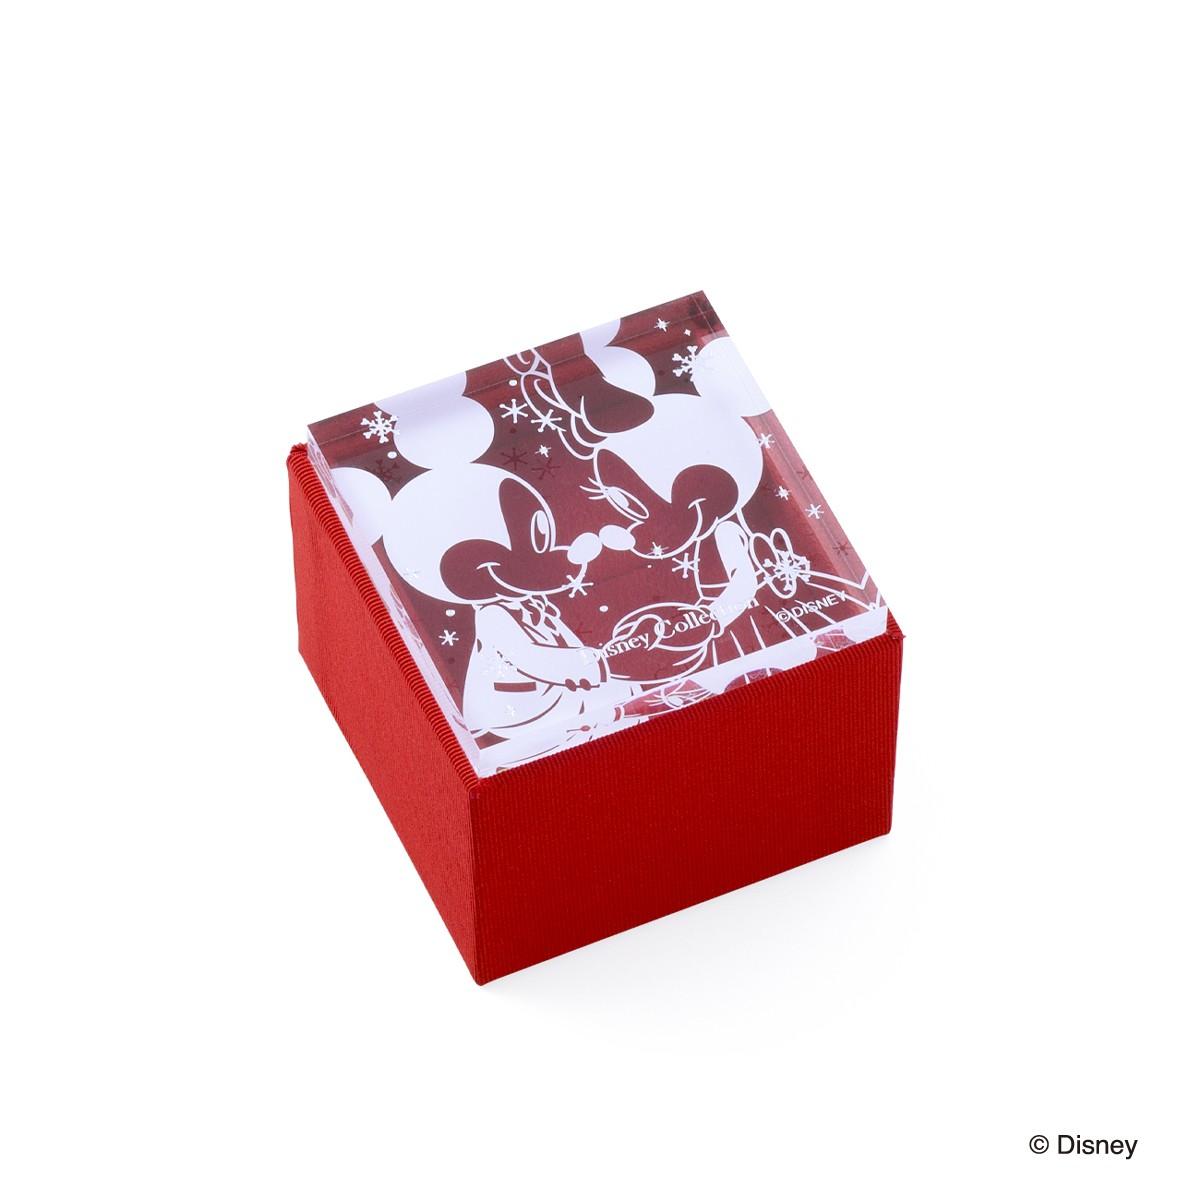 box-17-disney クリスマス限定 ディズニーボックス|the kiss(ザ